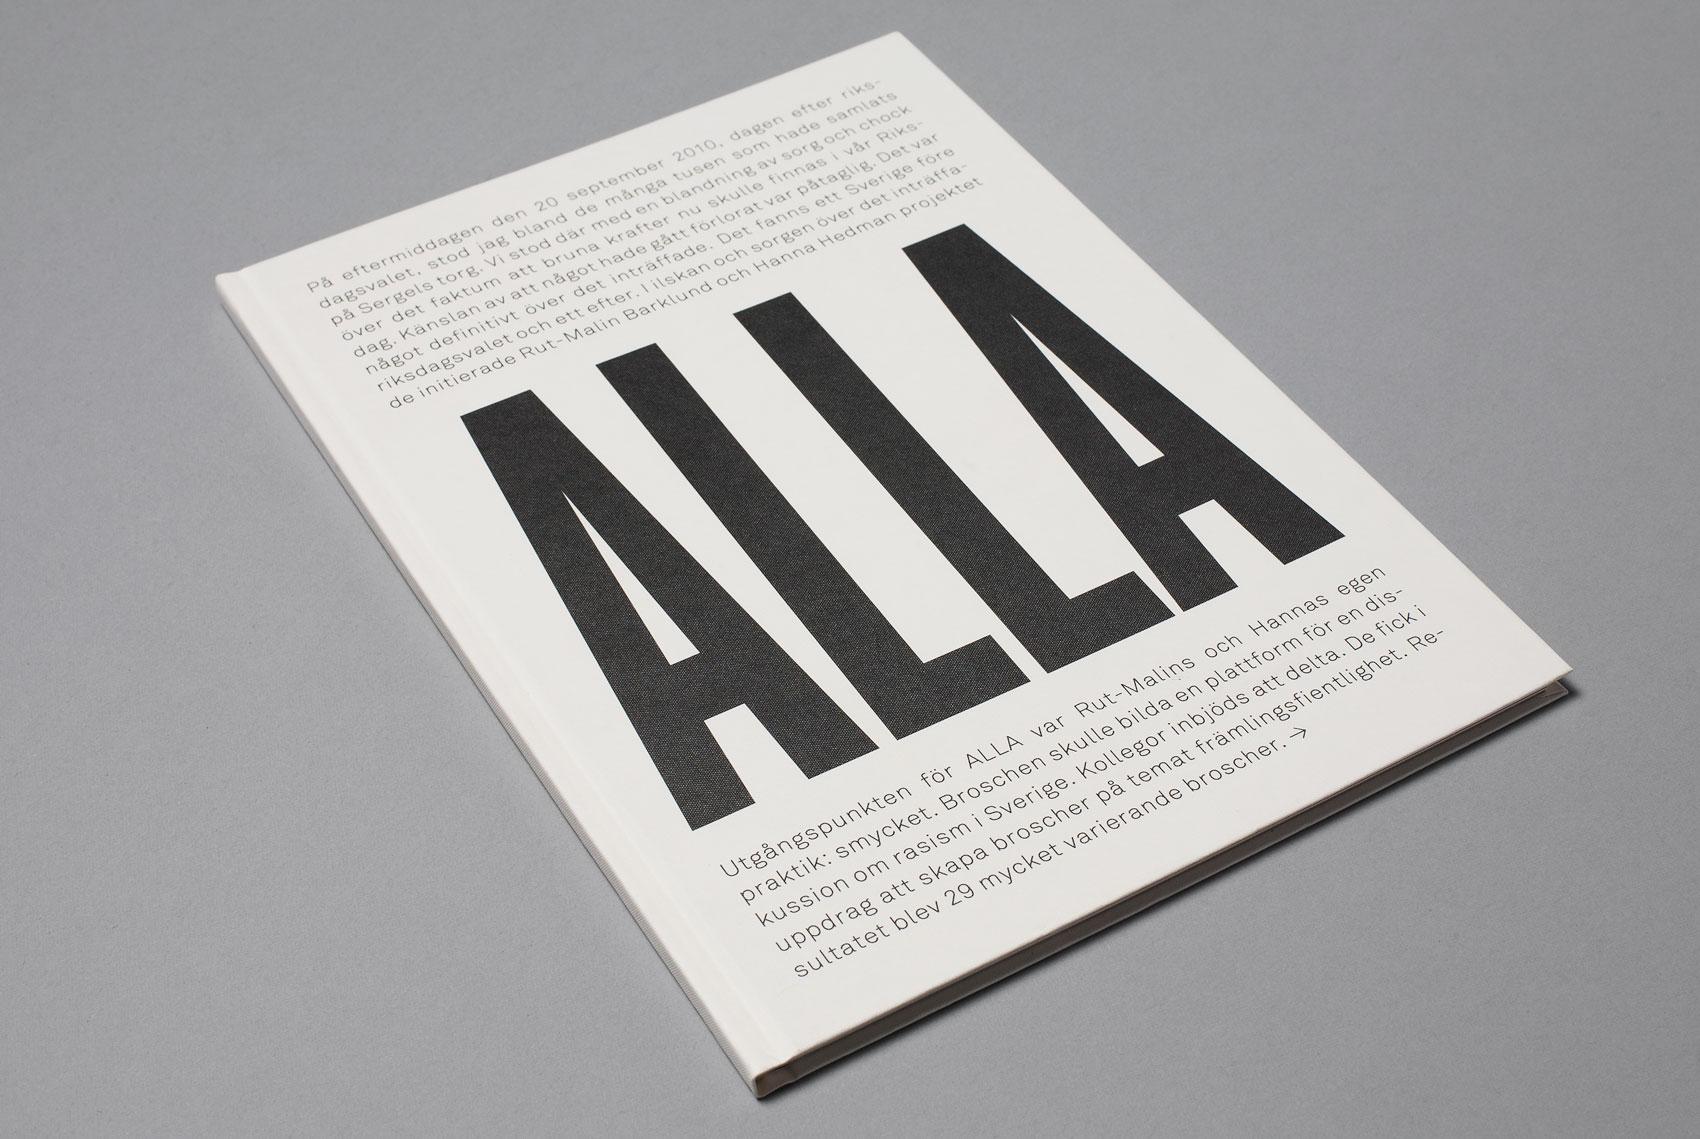 Alla_katalog_vinkel08_1700_front5